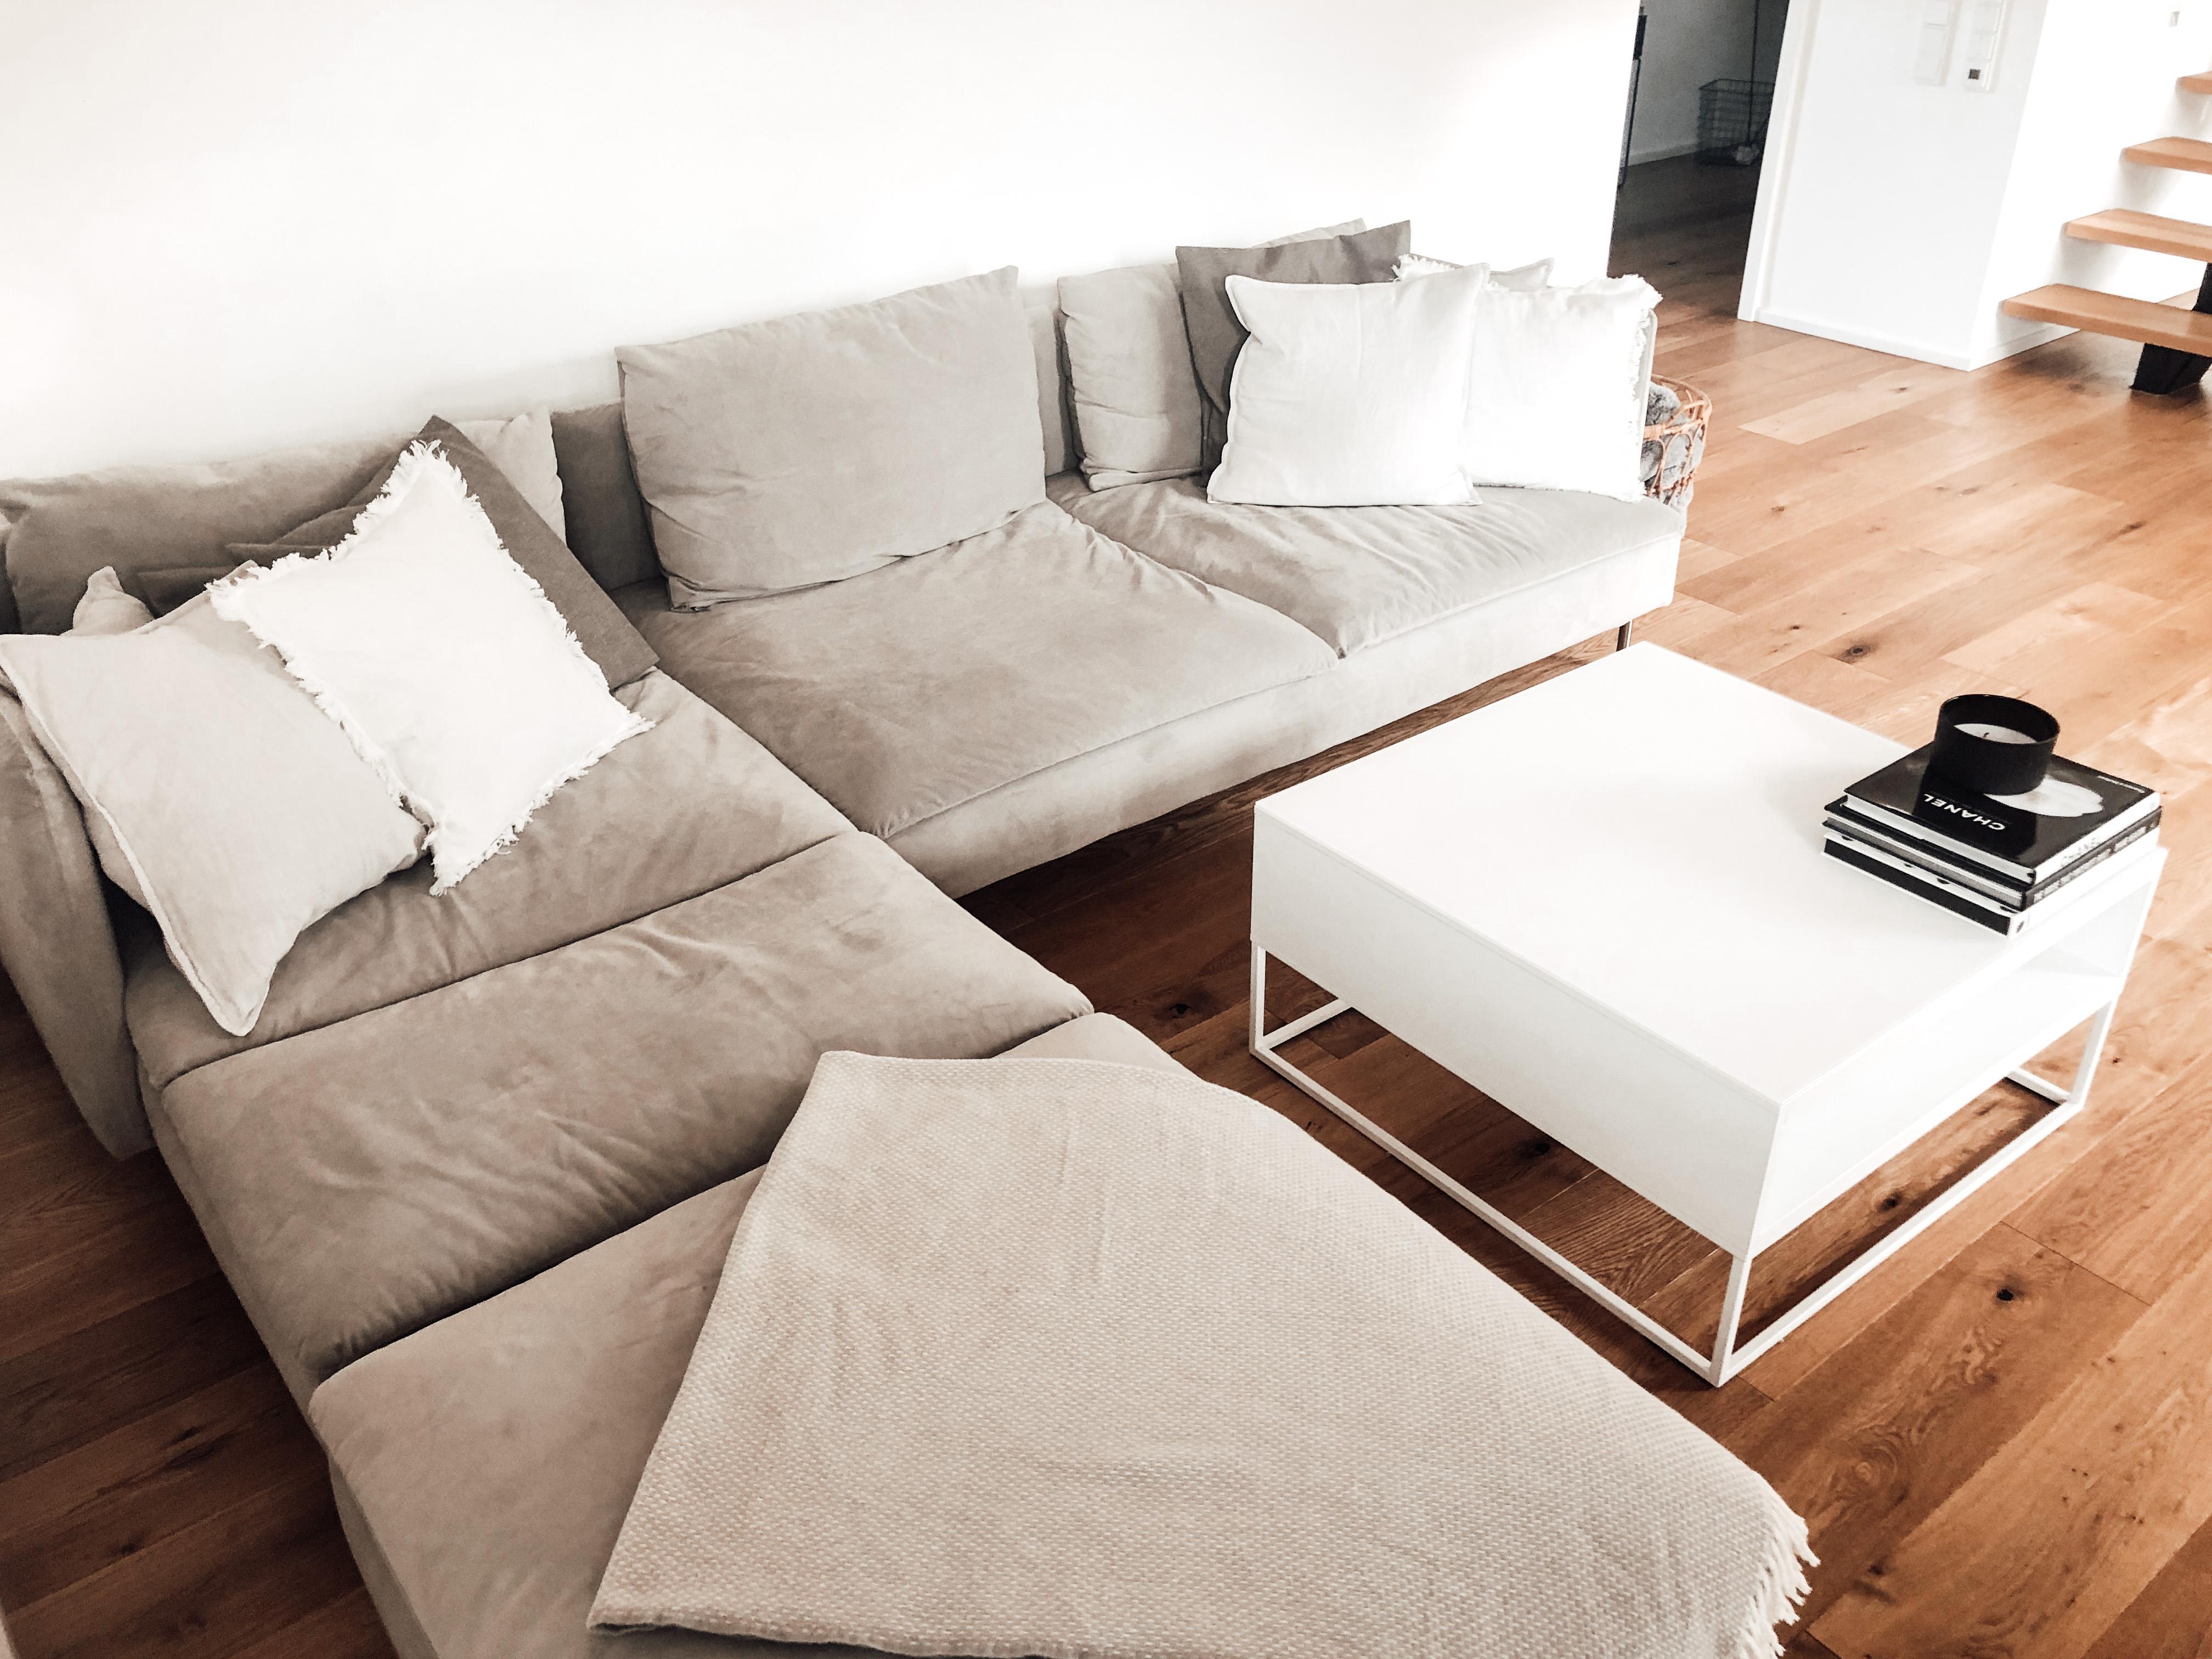 IKEAのSoderhamn/ソーデルハムンはカスタム次第でどんなお部屋にもぴったりはまる!モジュール式ソファの魅力